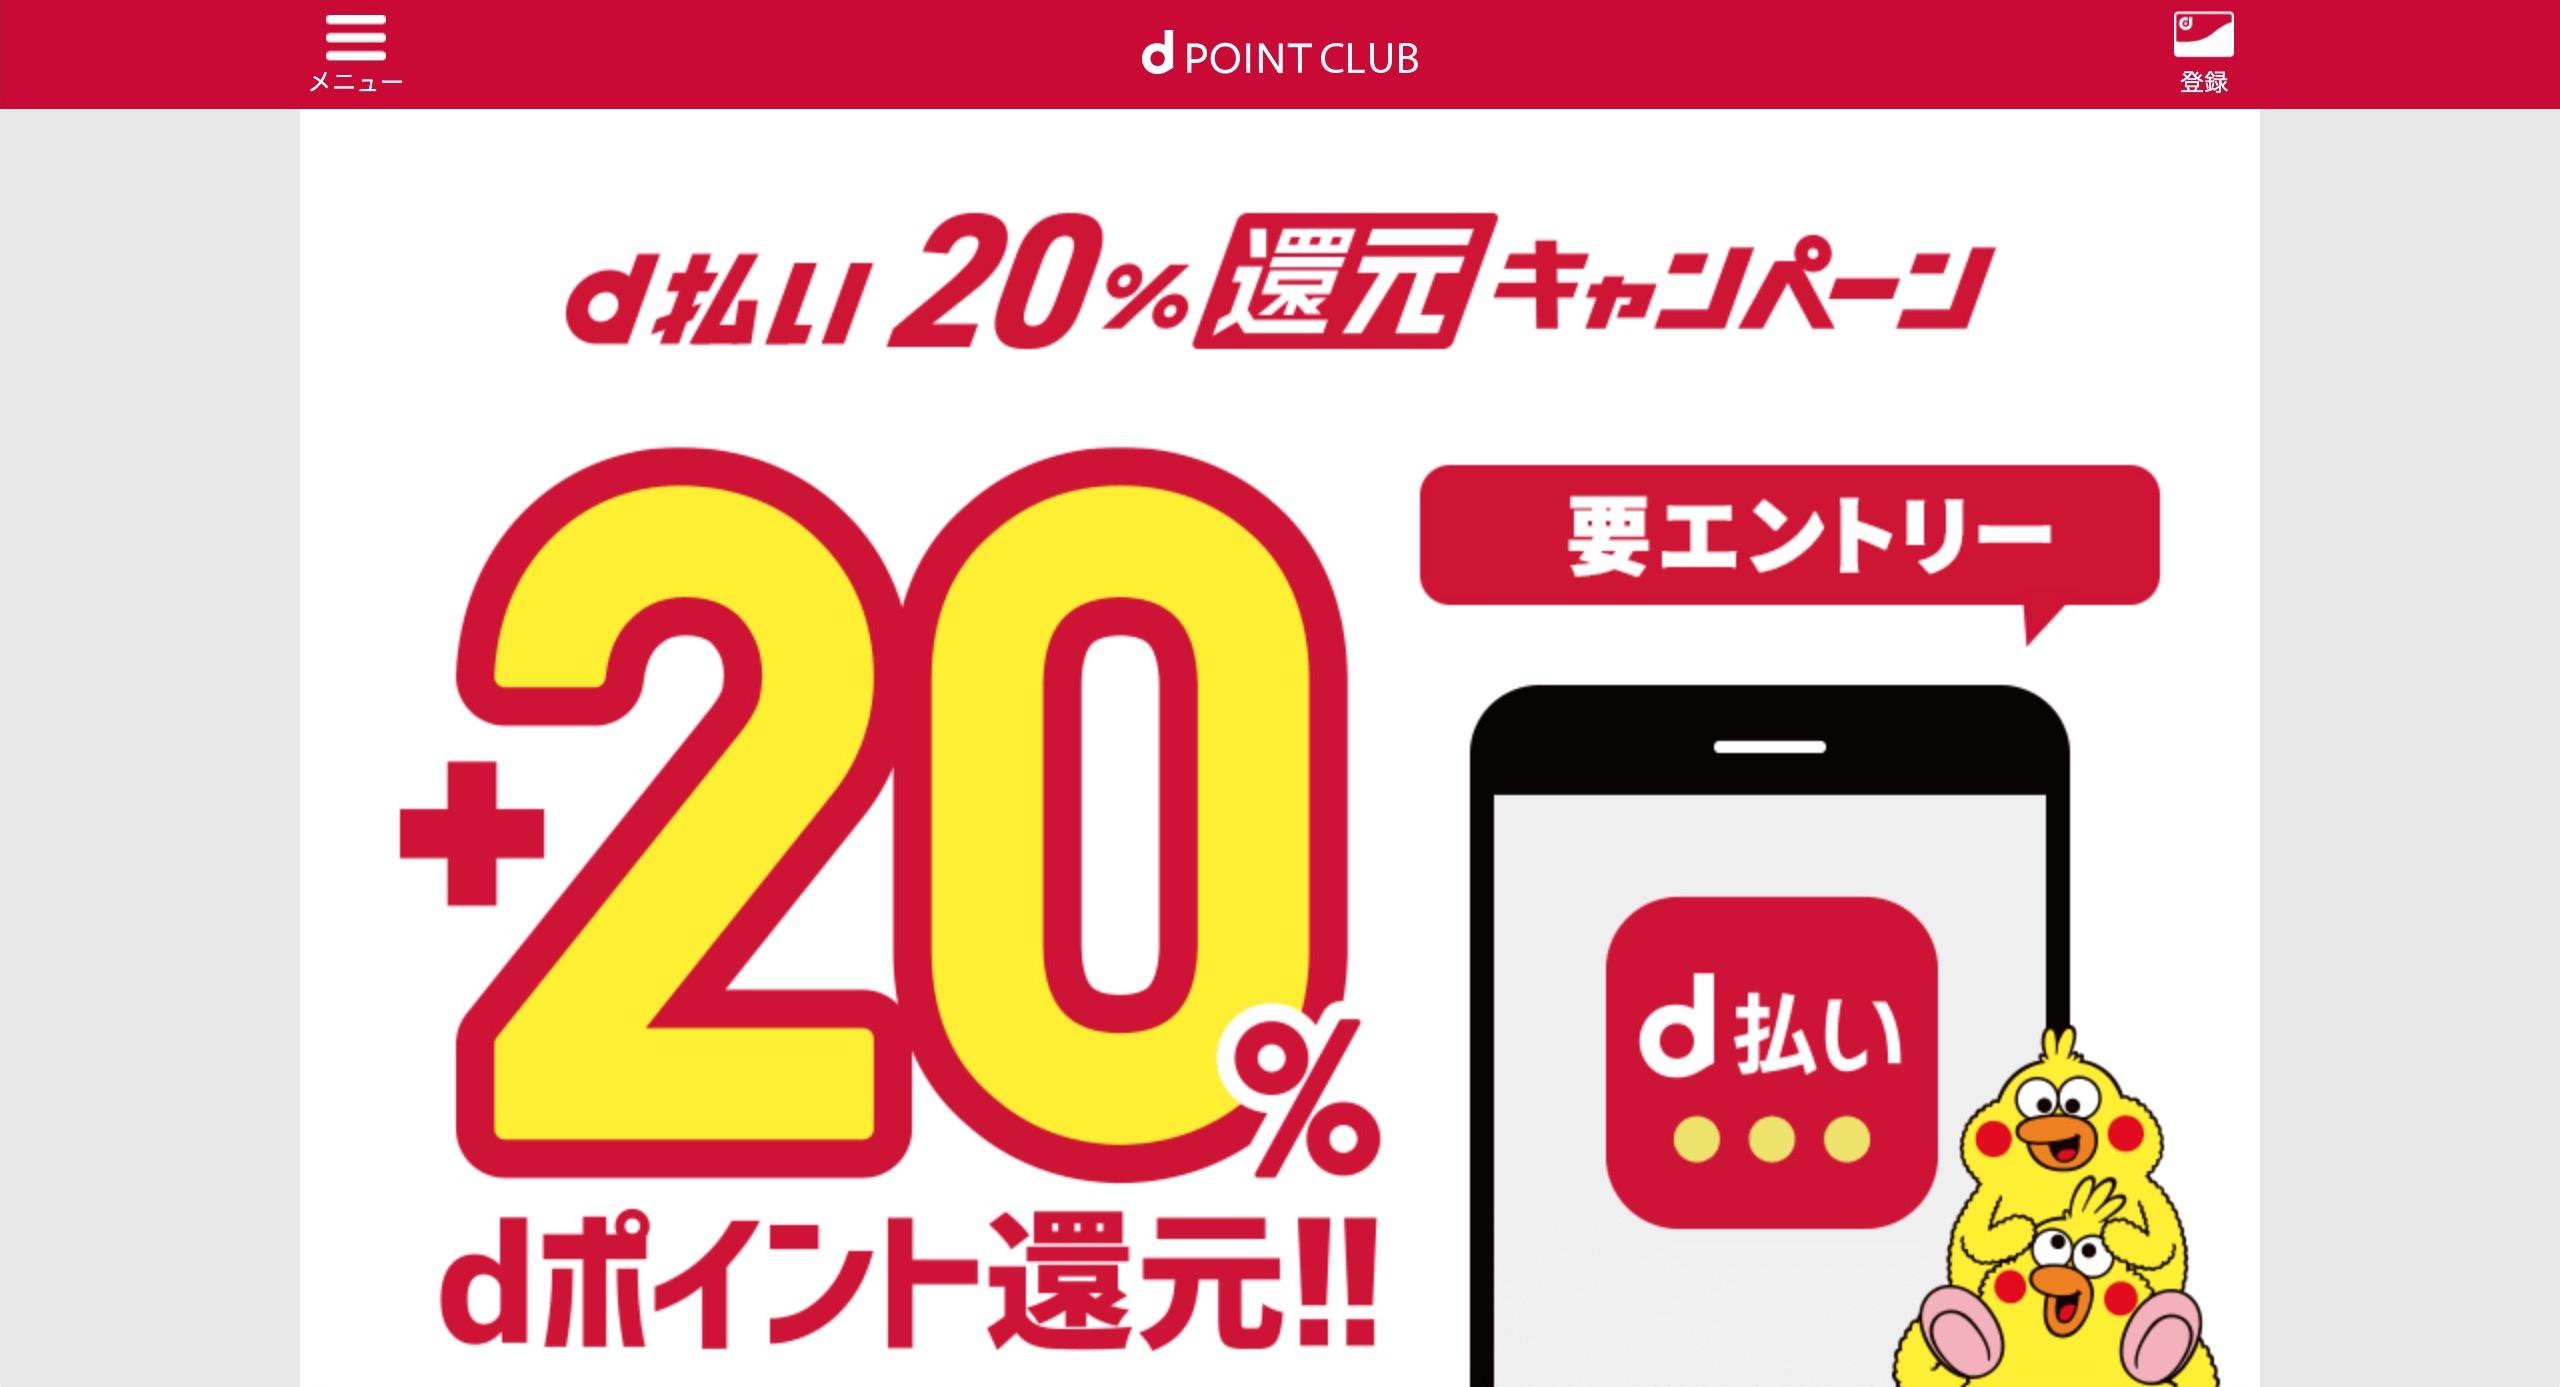 20%還元、d払いで大規模キャンペーン開始。7月1日から